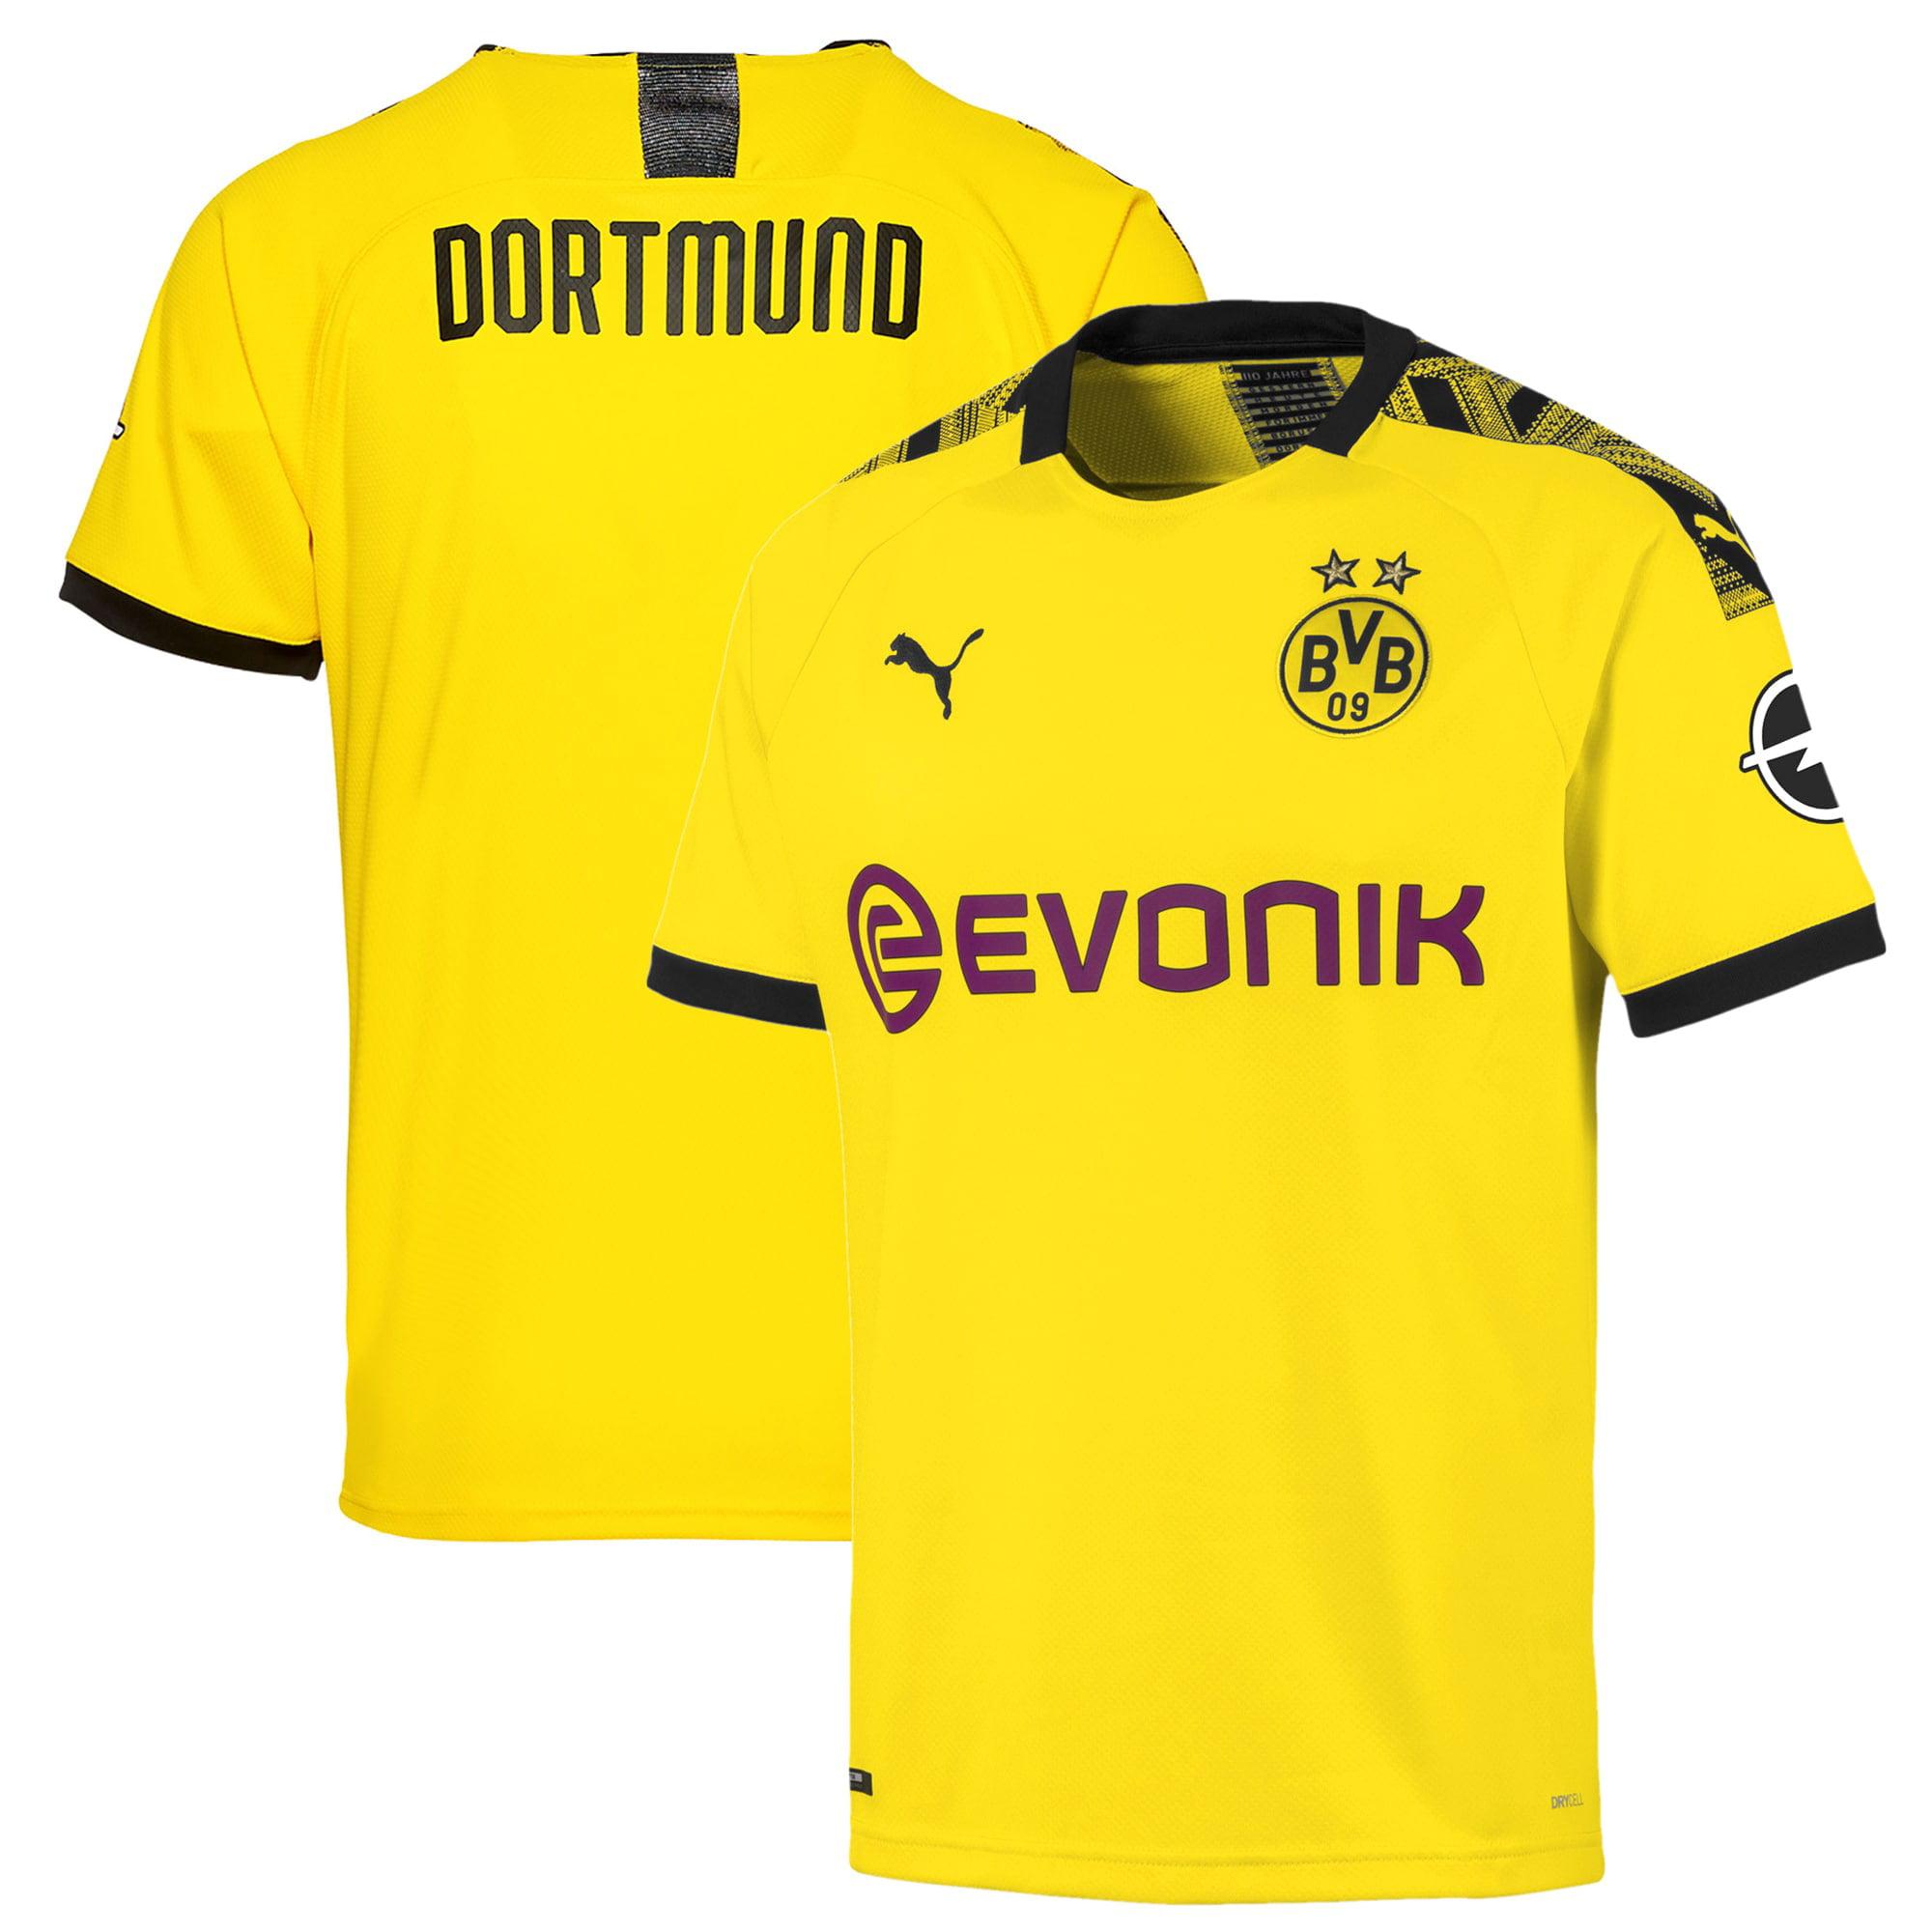 PUMA - Borussia Dortmund Puma 2019/20 Home Replica Jersey - Yellow - Walmart.com